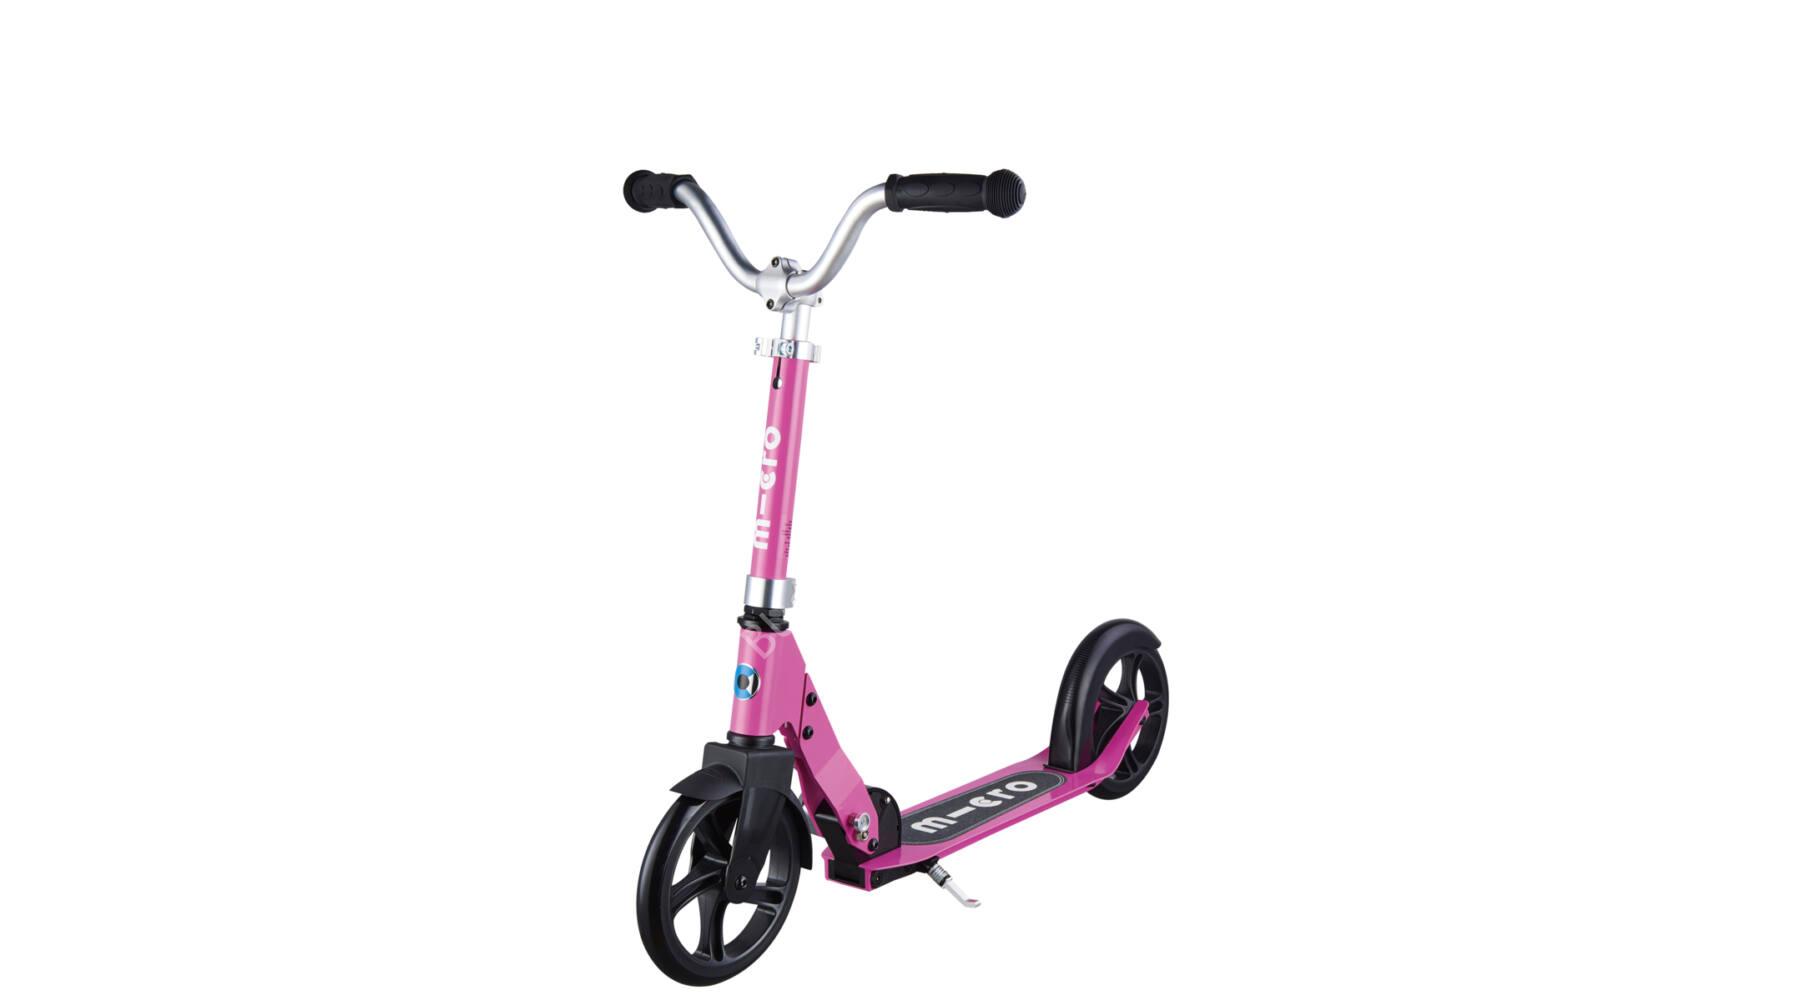 886cdca321 Micro Cruiser junior roller 200 mm-es kerékkel, pink - a-Wear Sport ...